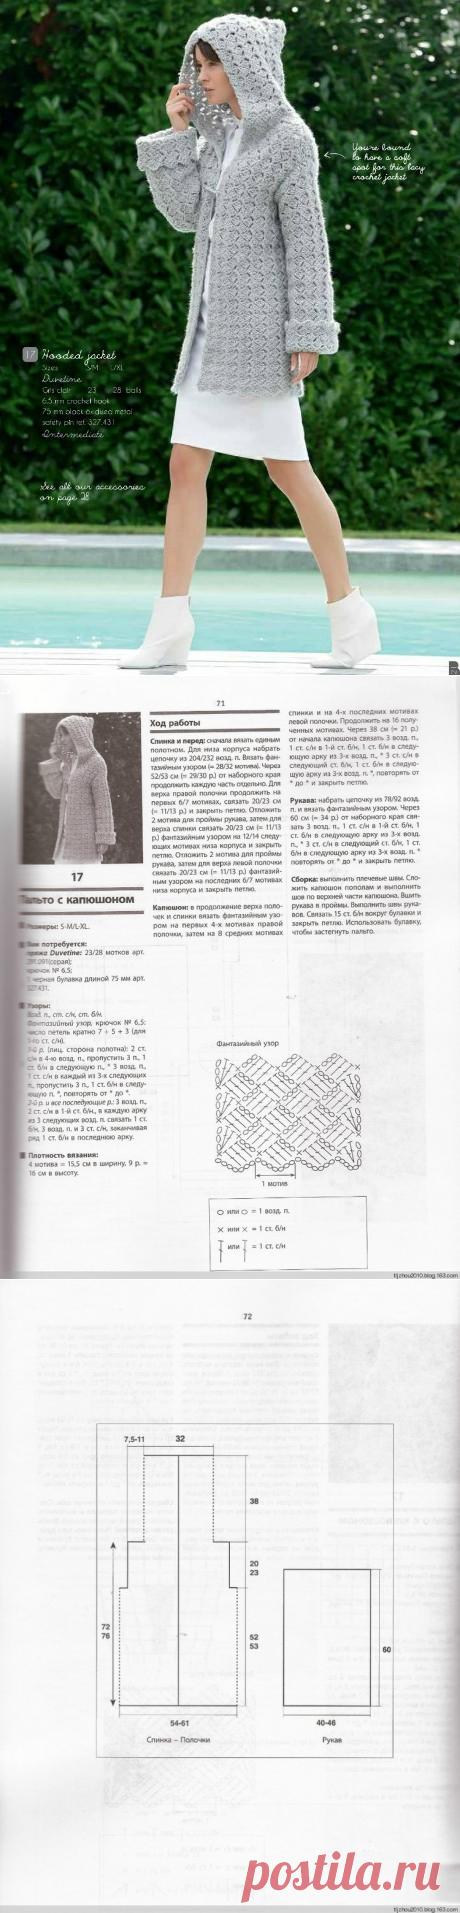 Chitamedia.ru пальто с капюшоном и цветами вязаное спицами пальто с капюшоном и объемными цветами на спине.